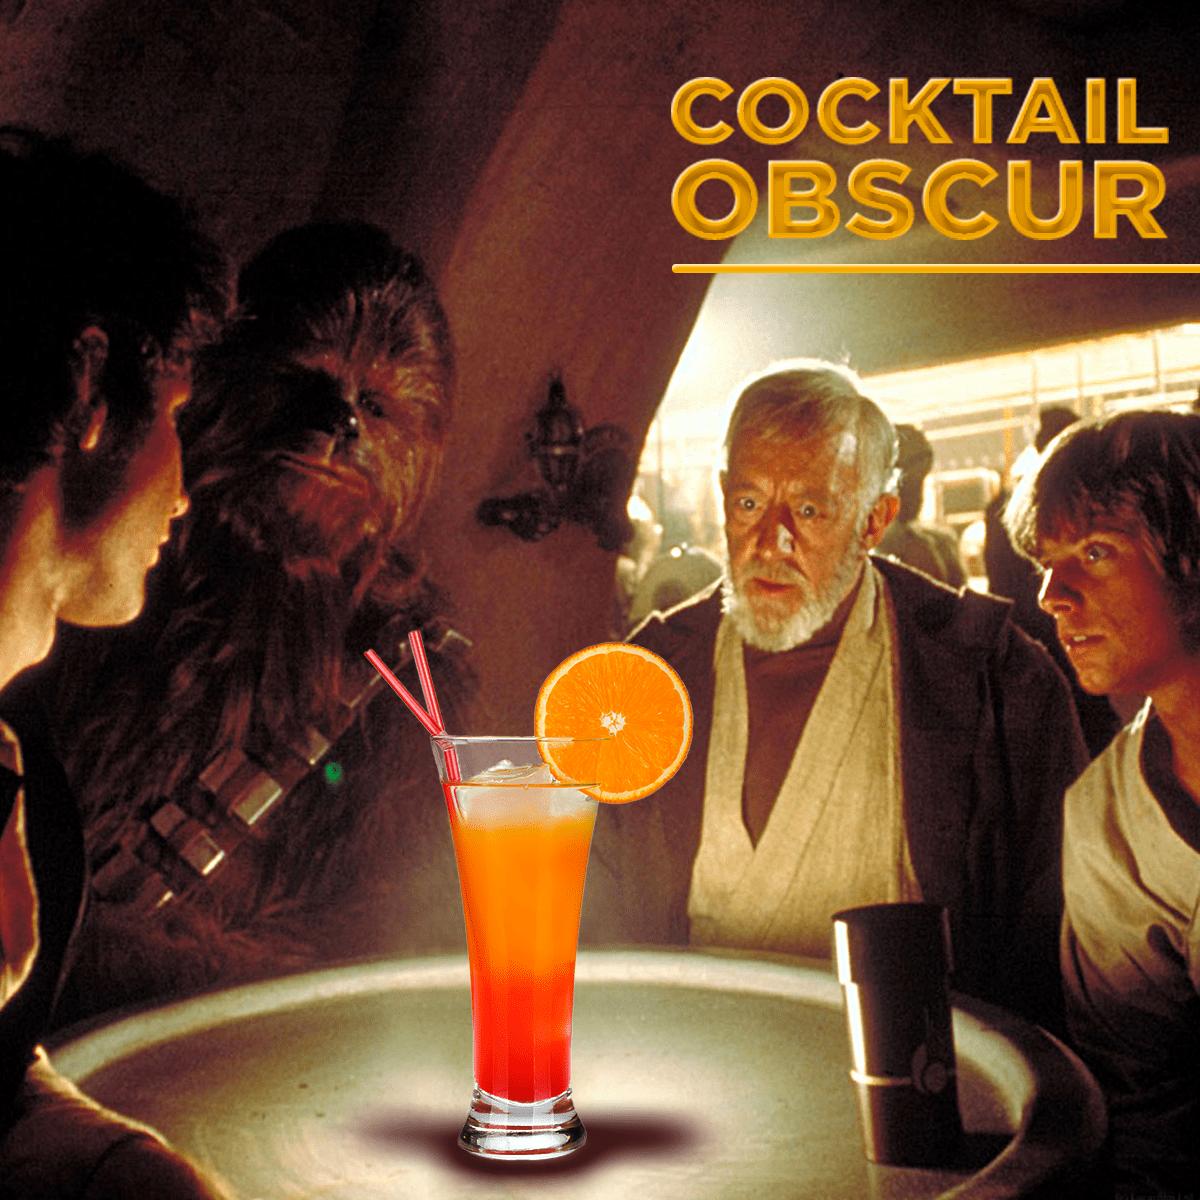 cocktail-obscur-tatooine Réhausser le standing de la Cantina de Tatooine - Partie 2